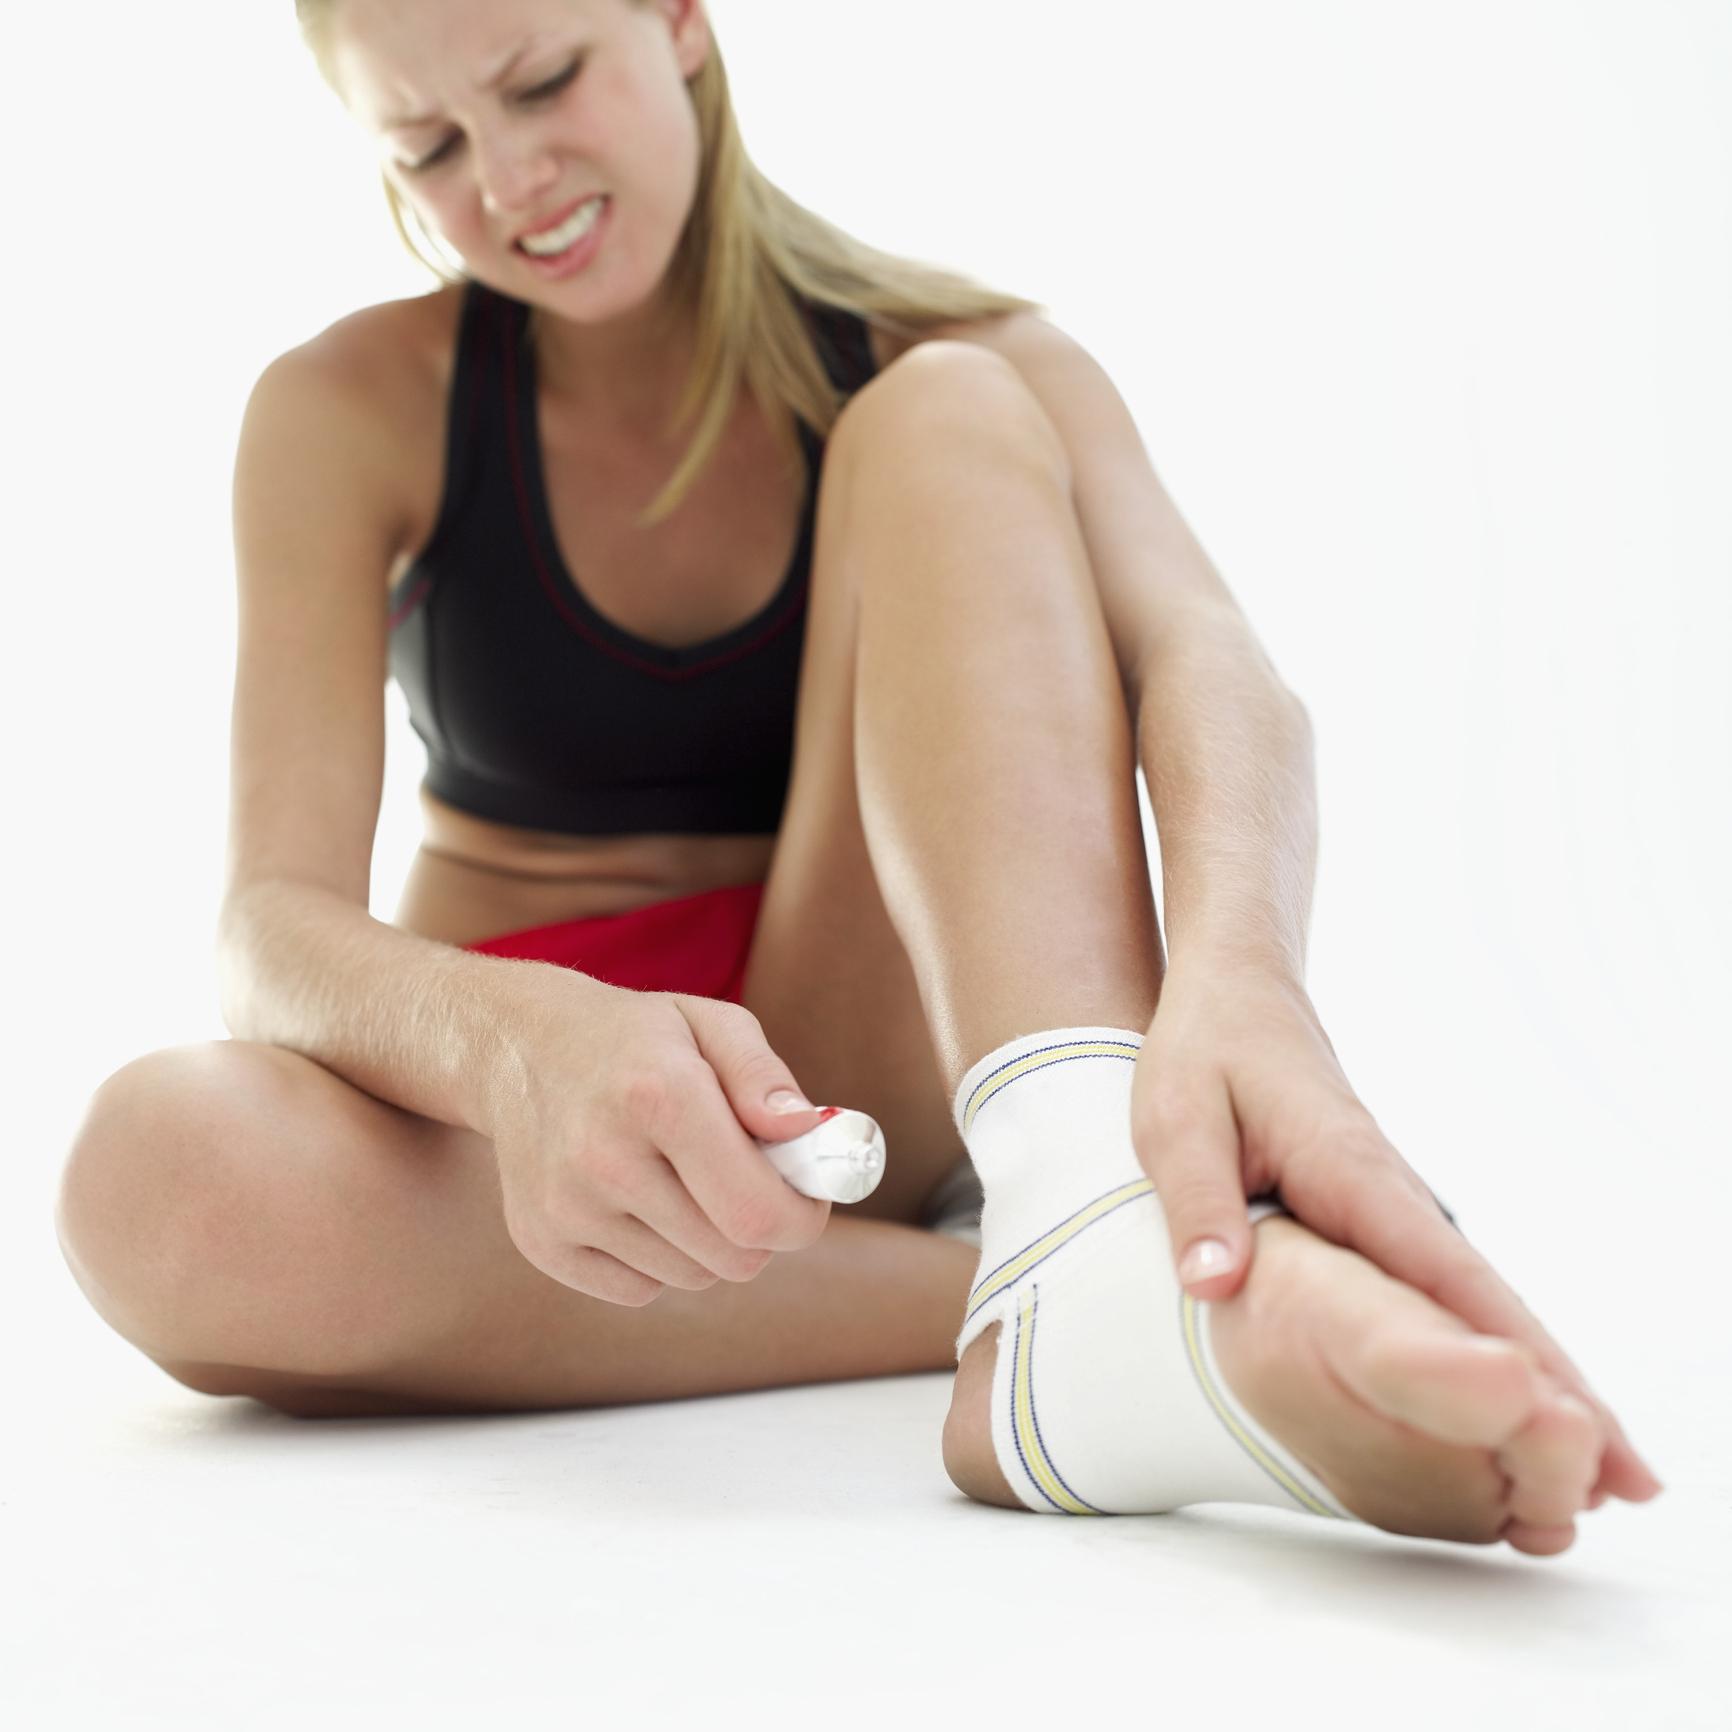 читаю почему болит стопа правой ноги при ходьбе Вам зайти сайт